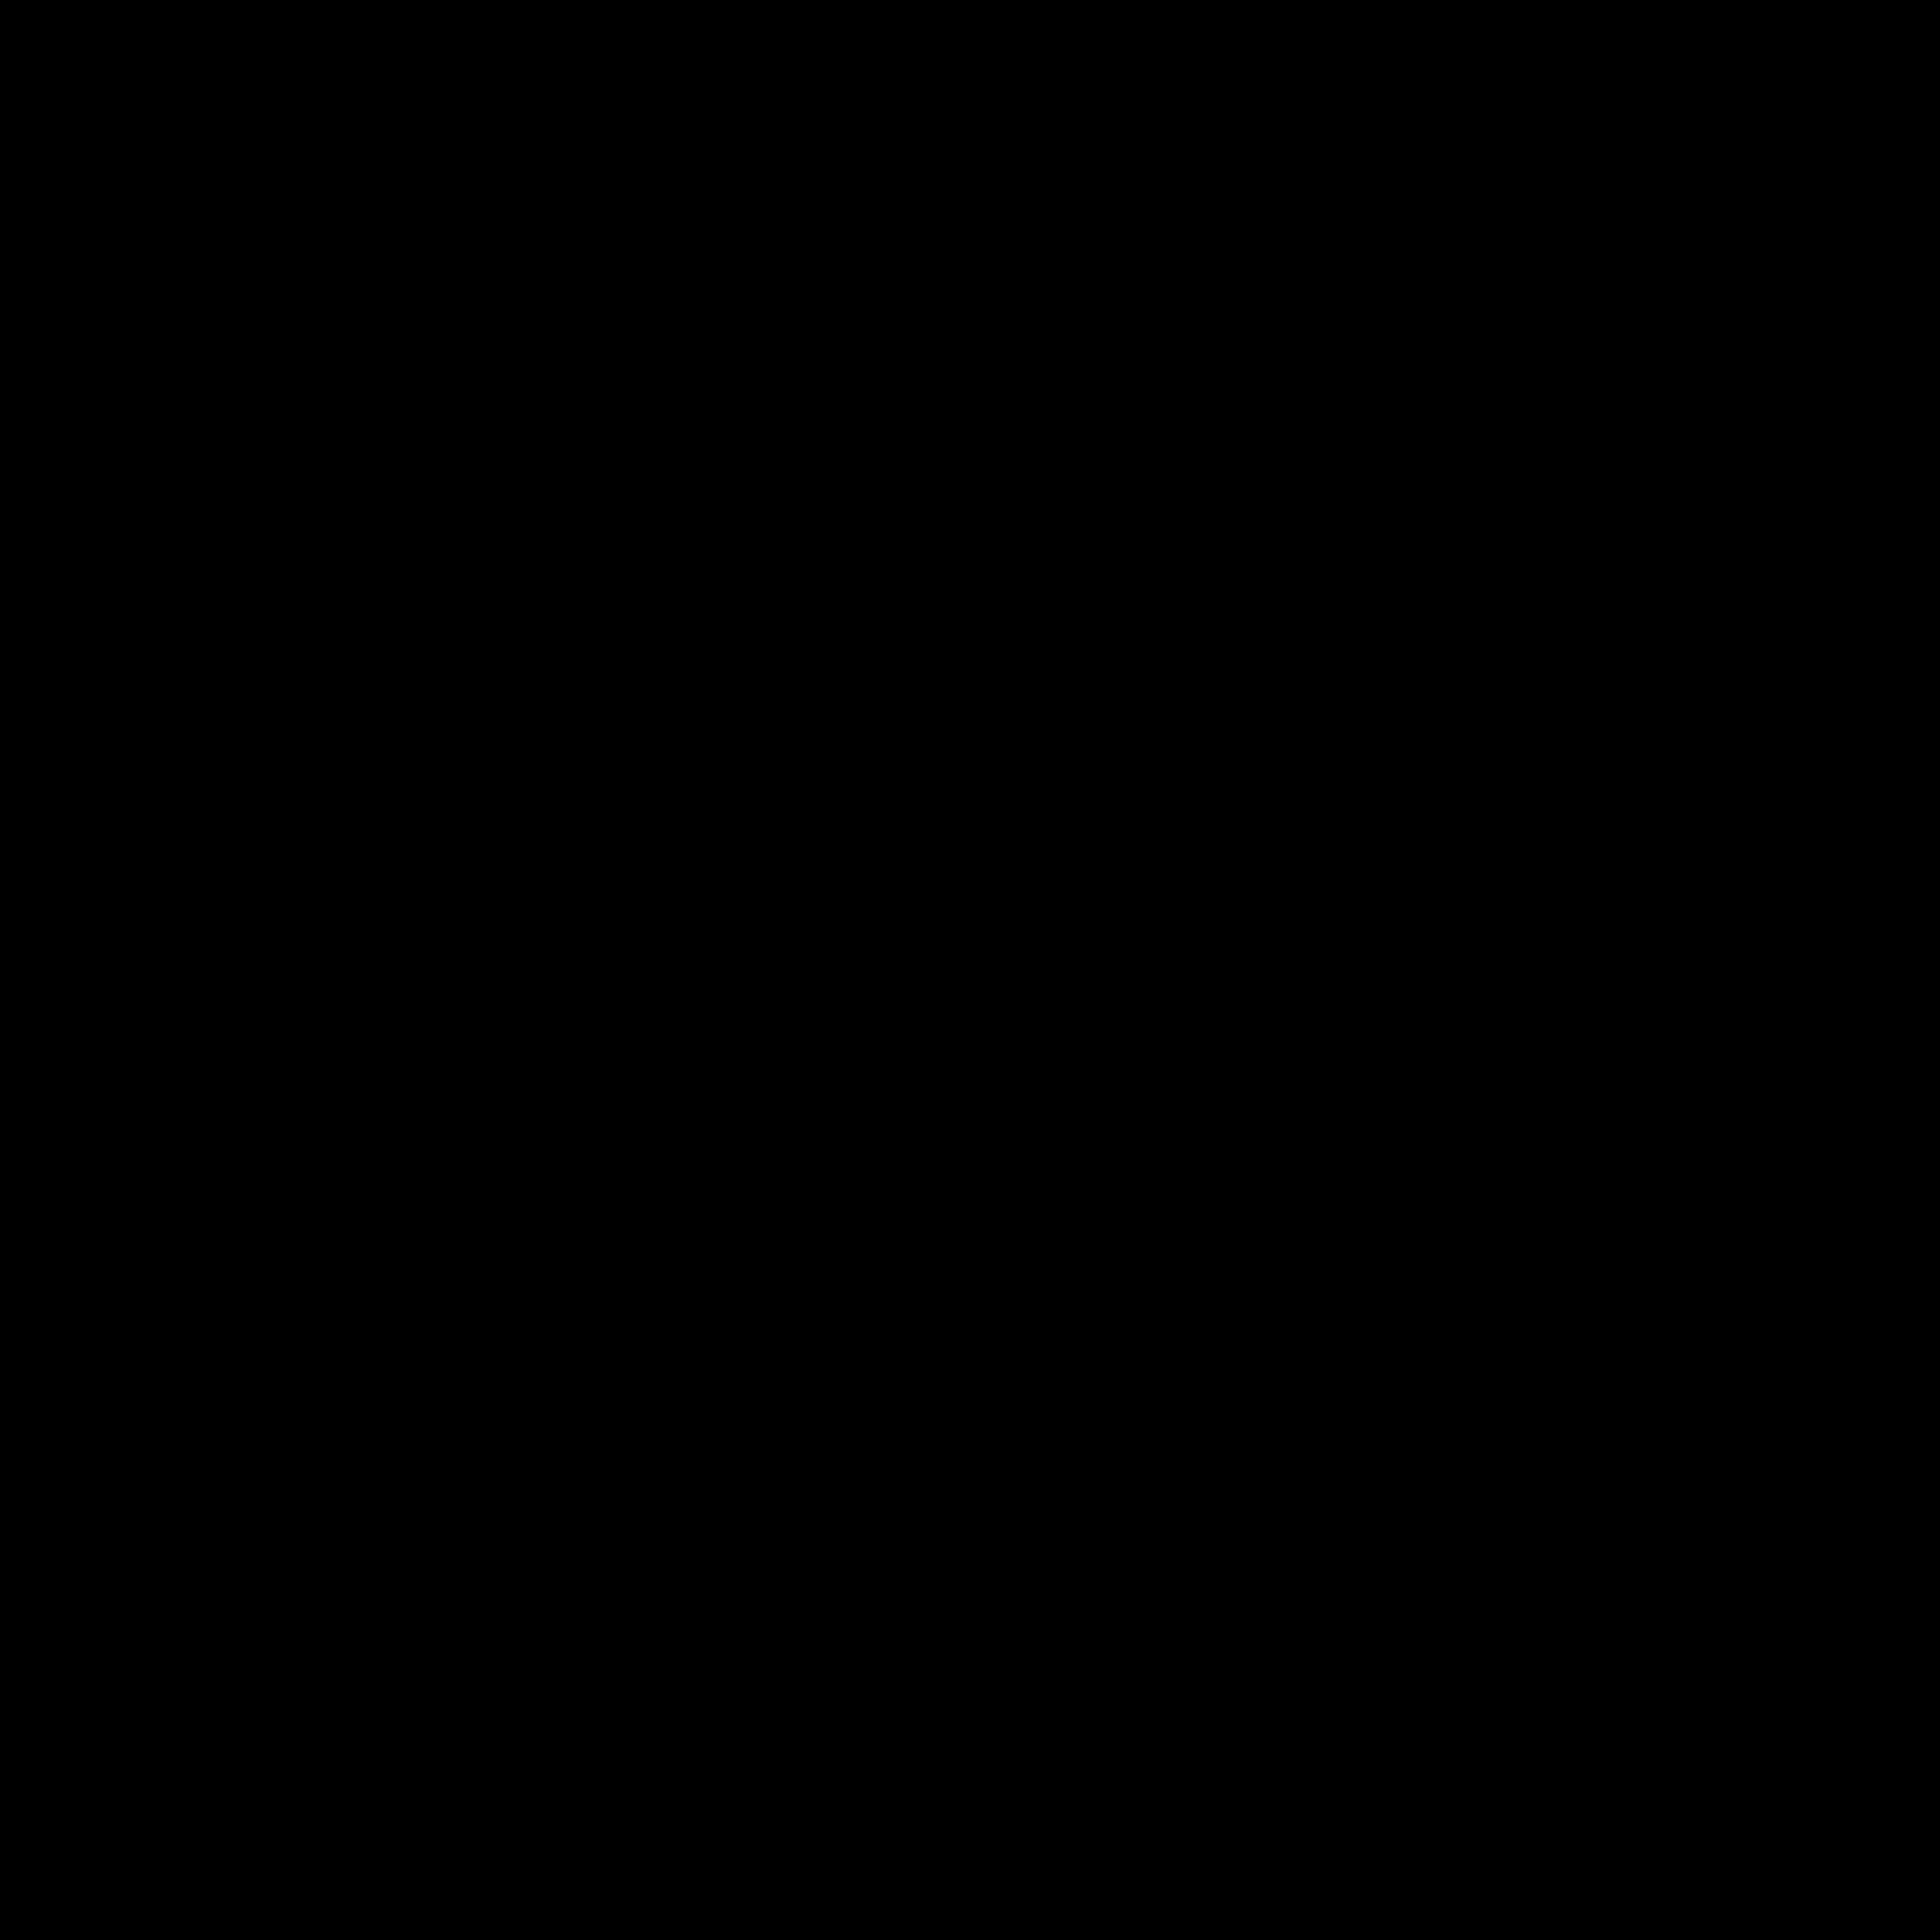 xbox one logo vector #2504